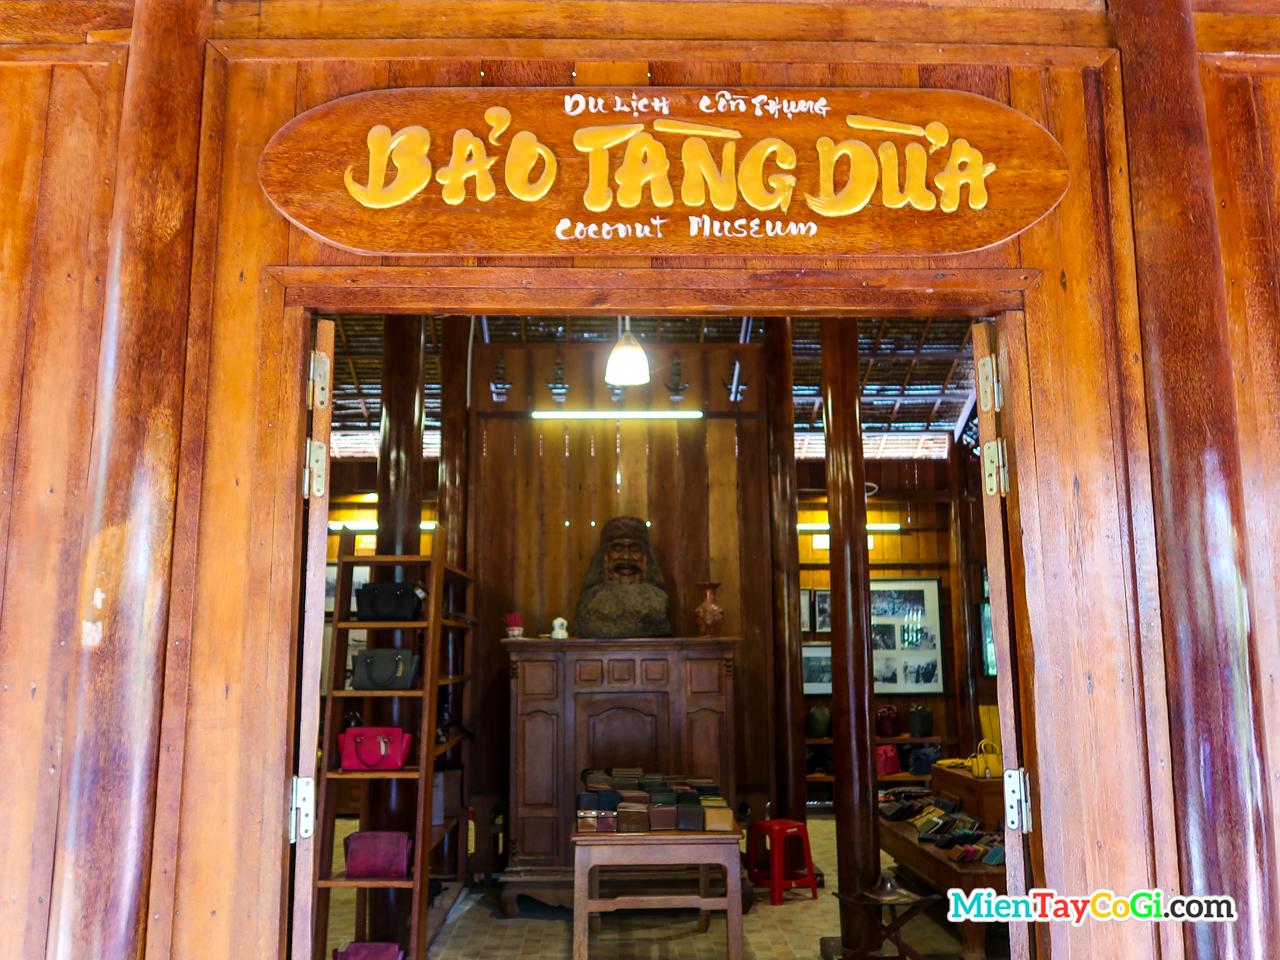 Bảo tàng dừa ở Cồn Phụng